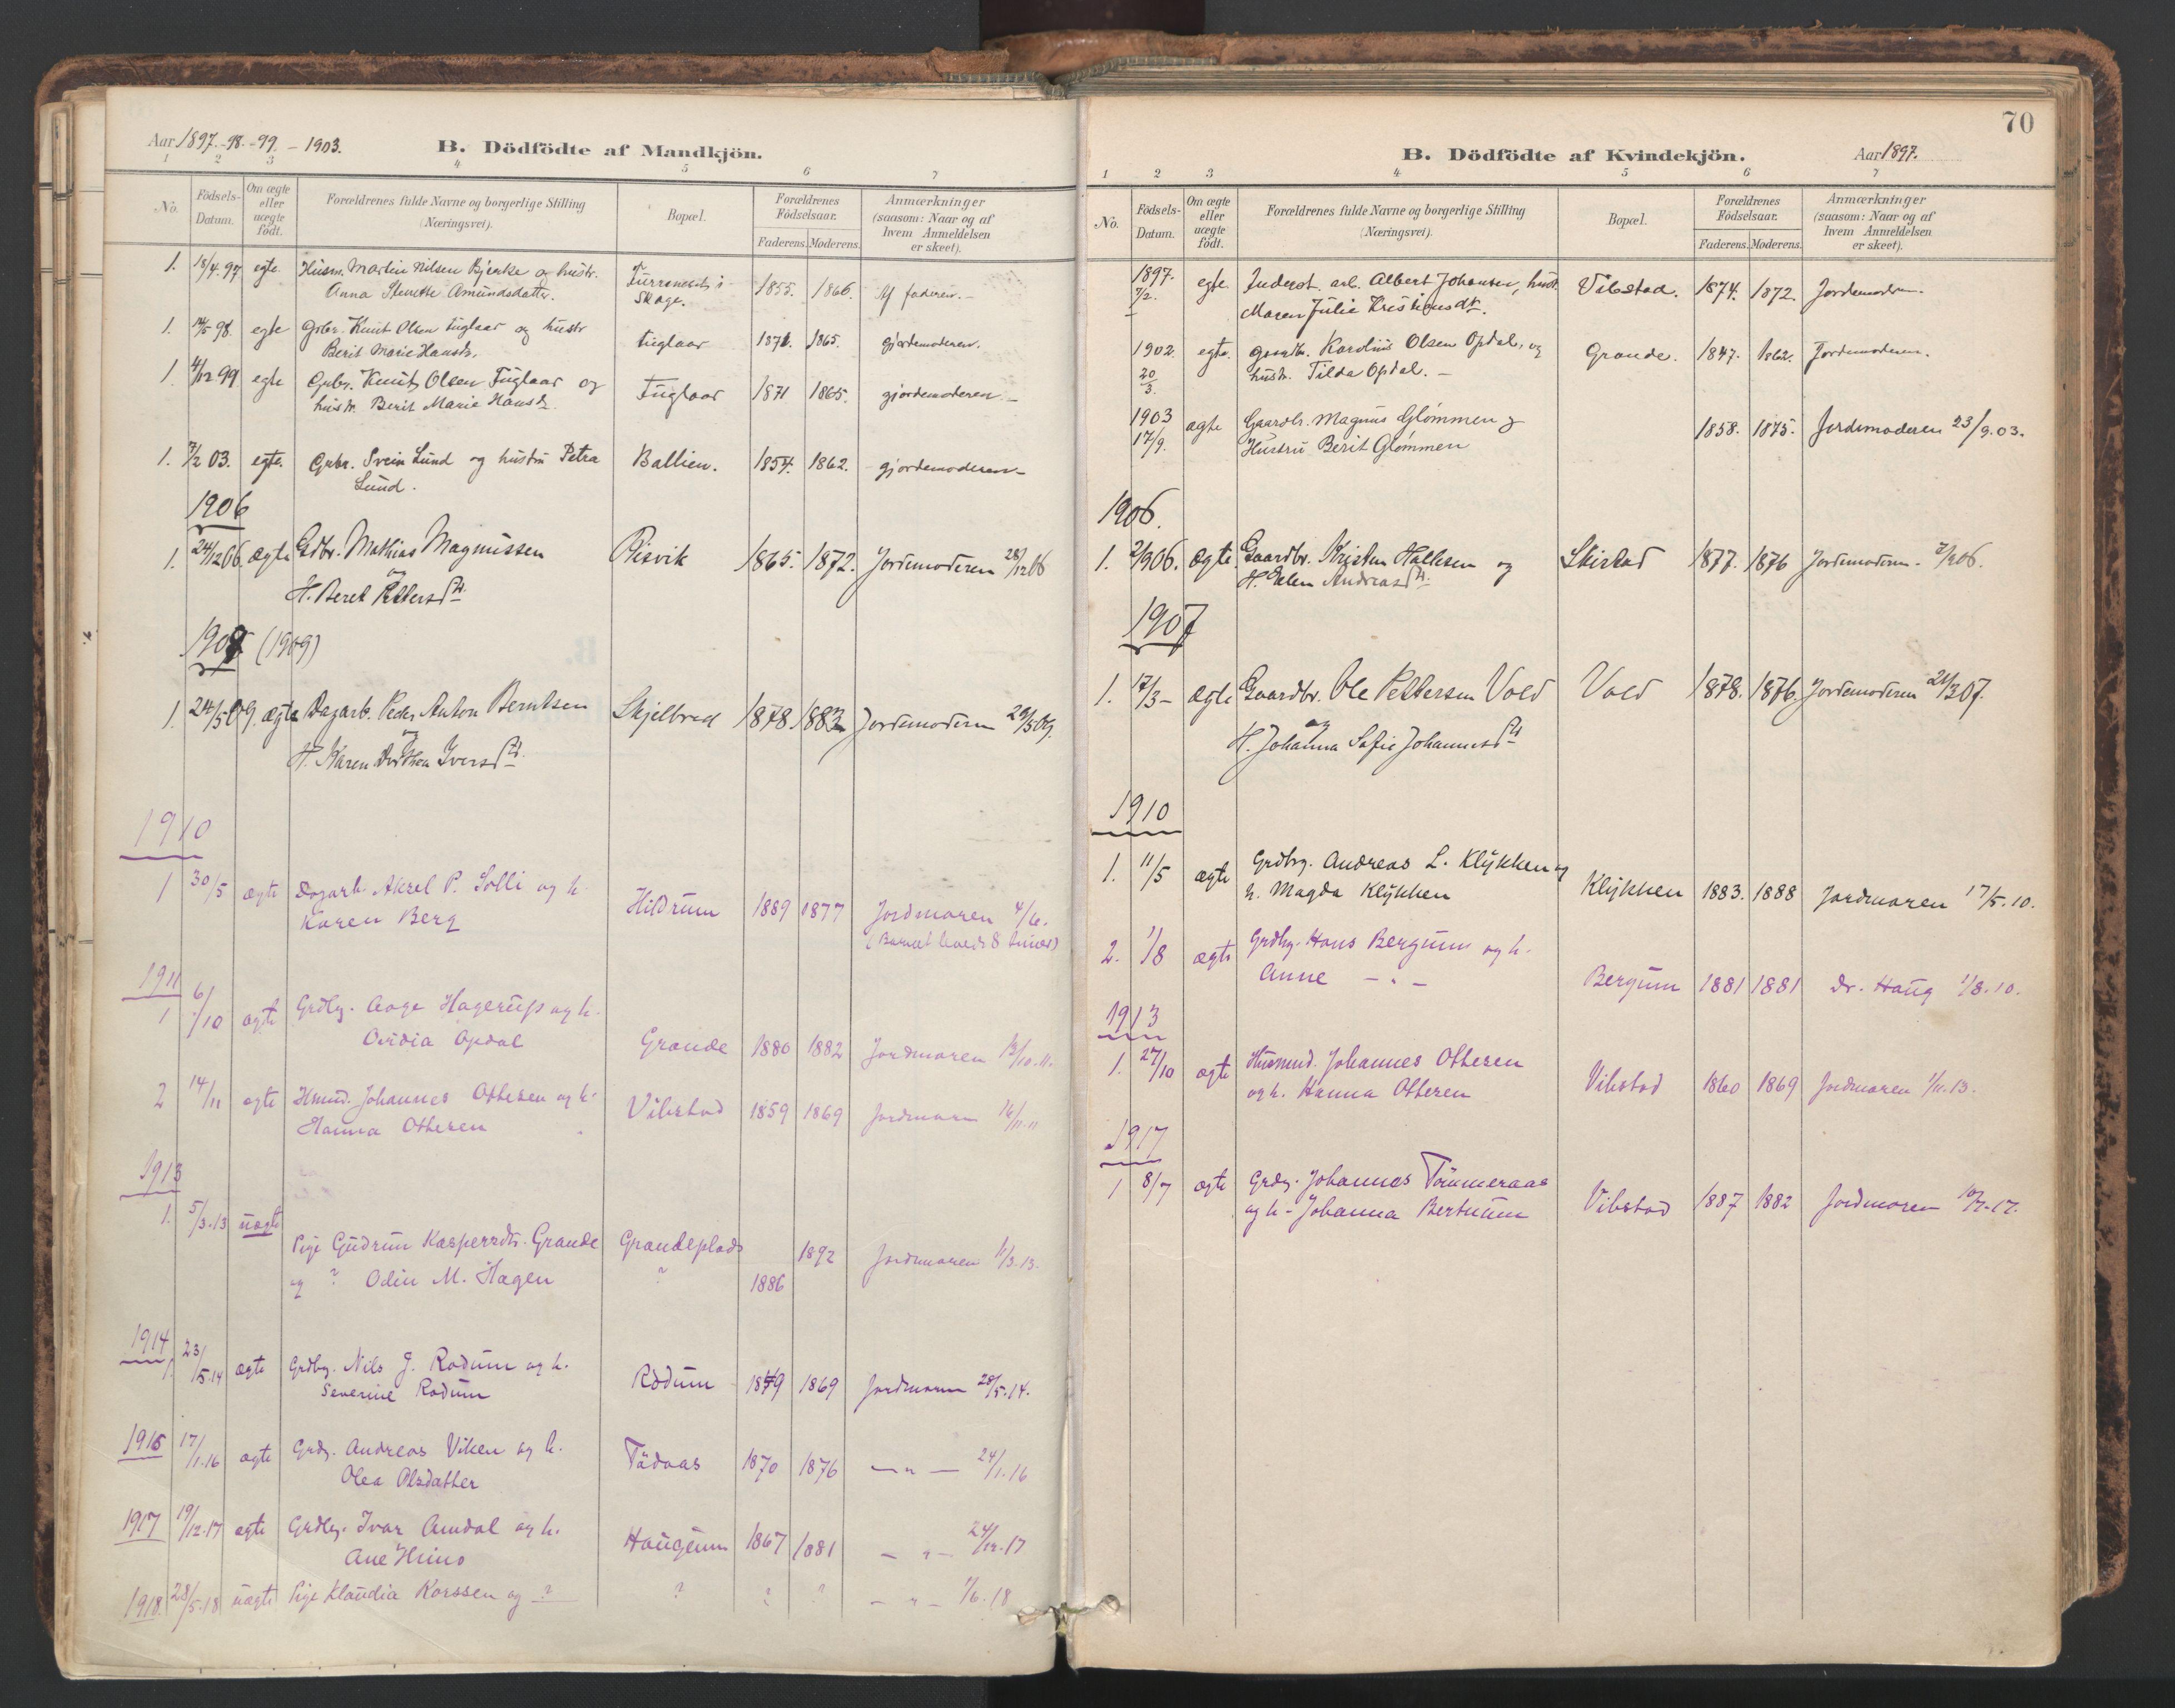 SAT, Ministerialprotokoller, klokkerbøker og fødselsregistre - Nord-Trøndelag, 764/L0556: Ministerialbok nr. 764A11, 1897-1924, s. 70